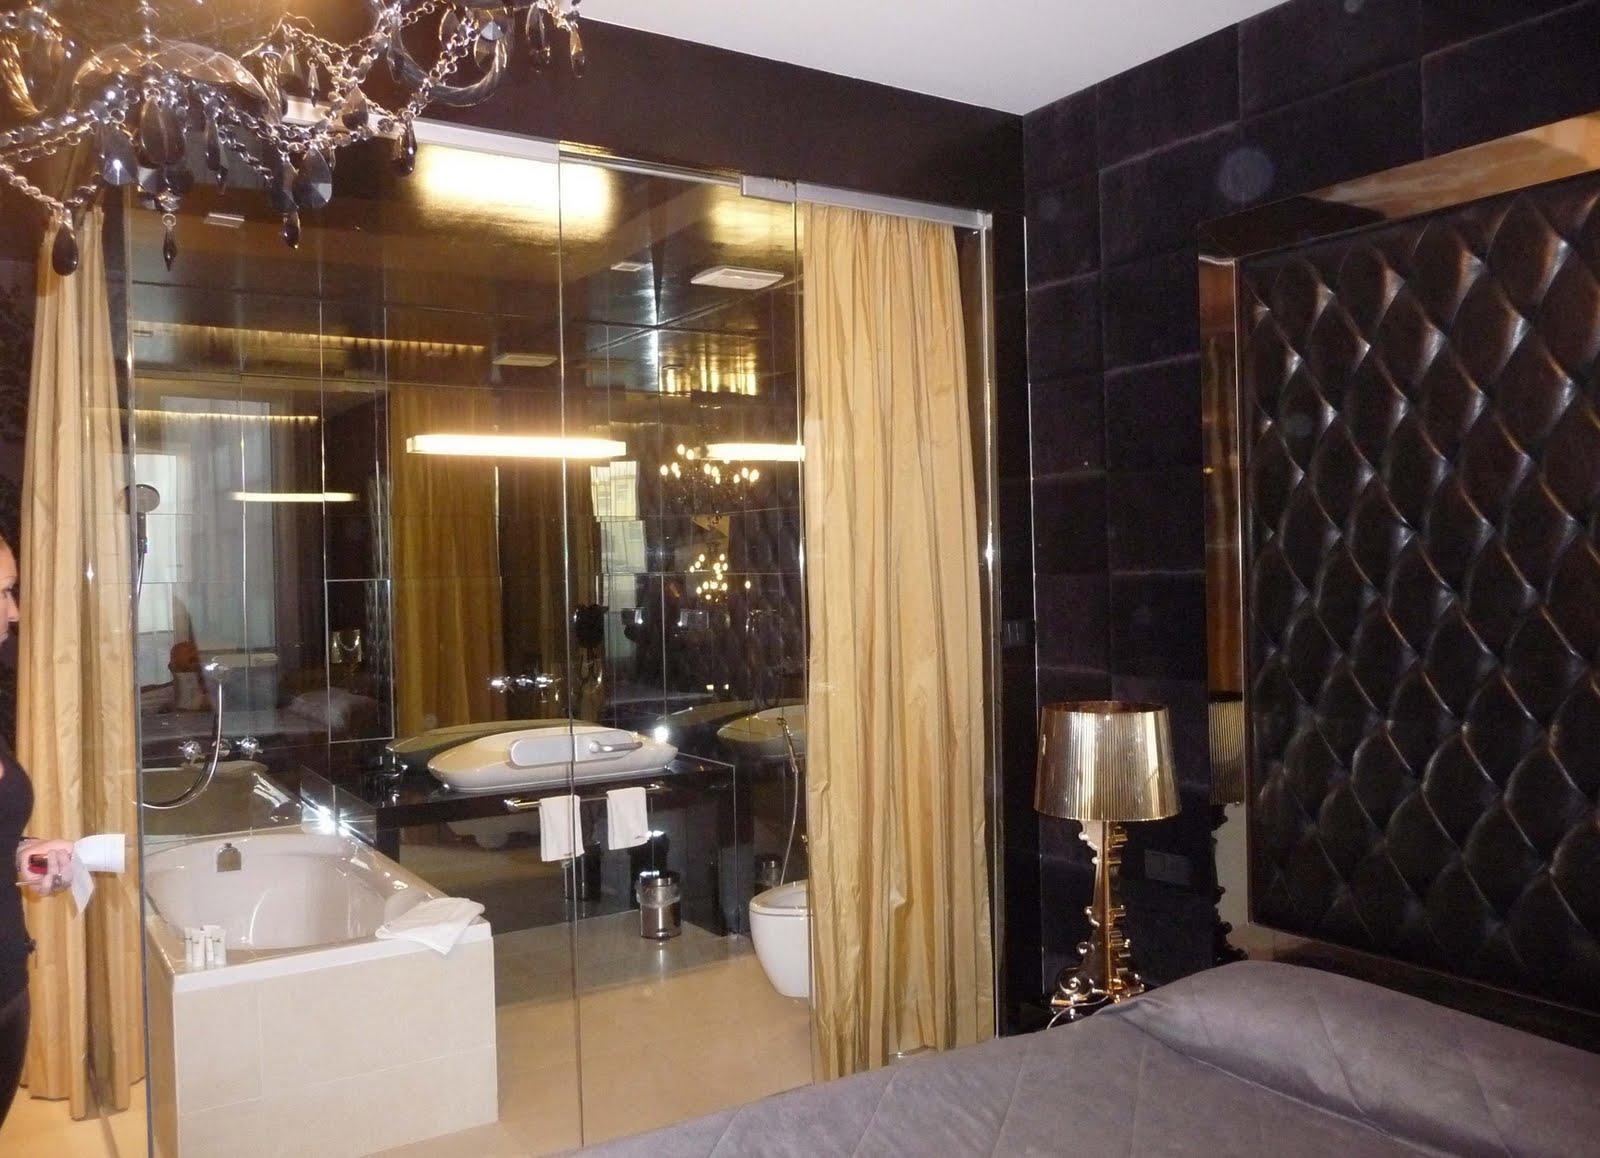 interiors in 21 bratislava